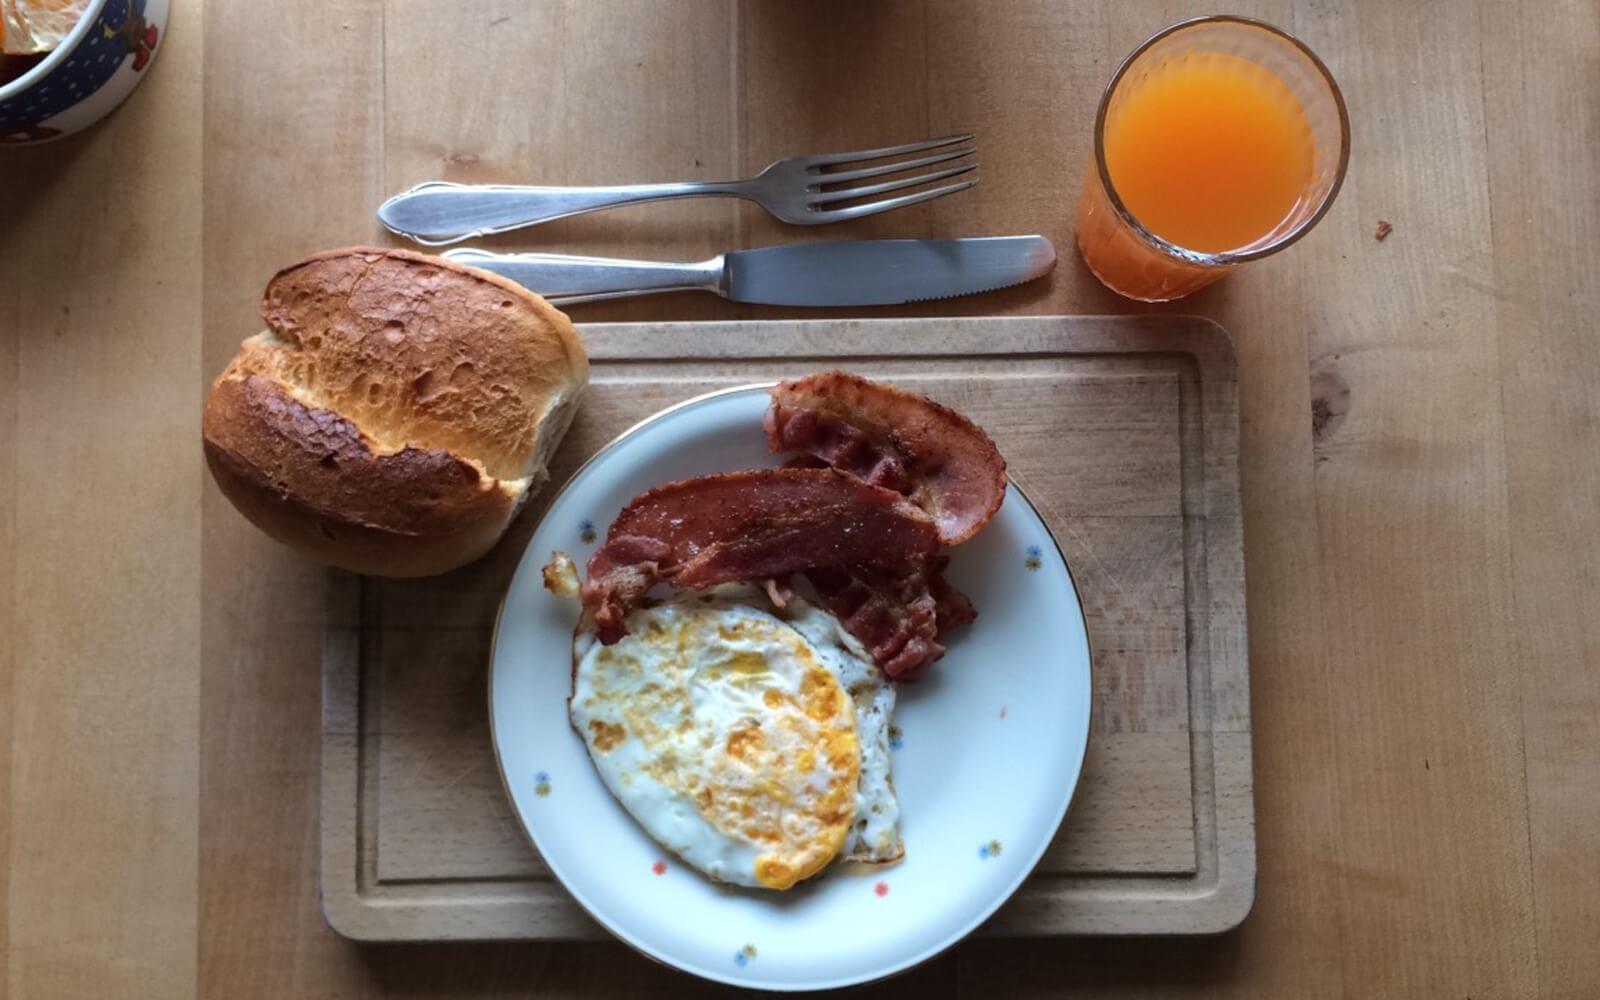 Frühstücksteller mit Brötchen, Spiegeleiern und Speck